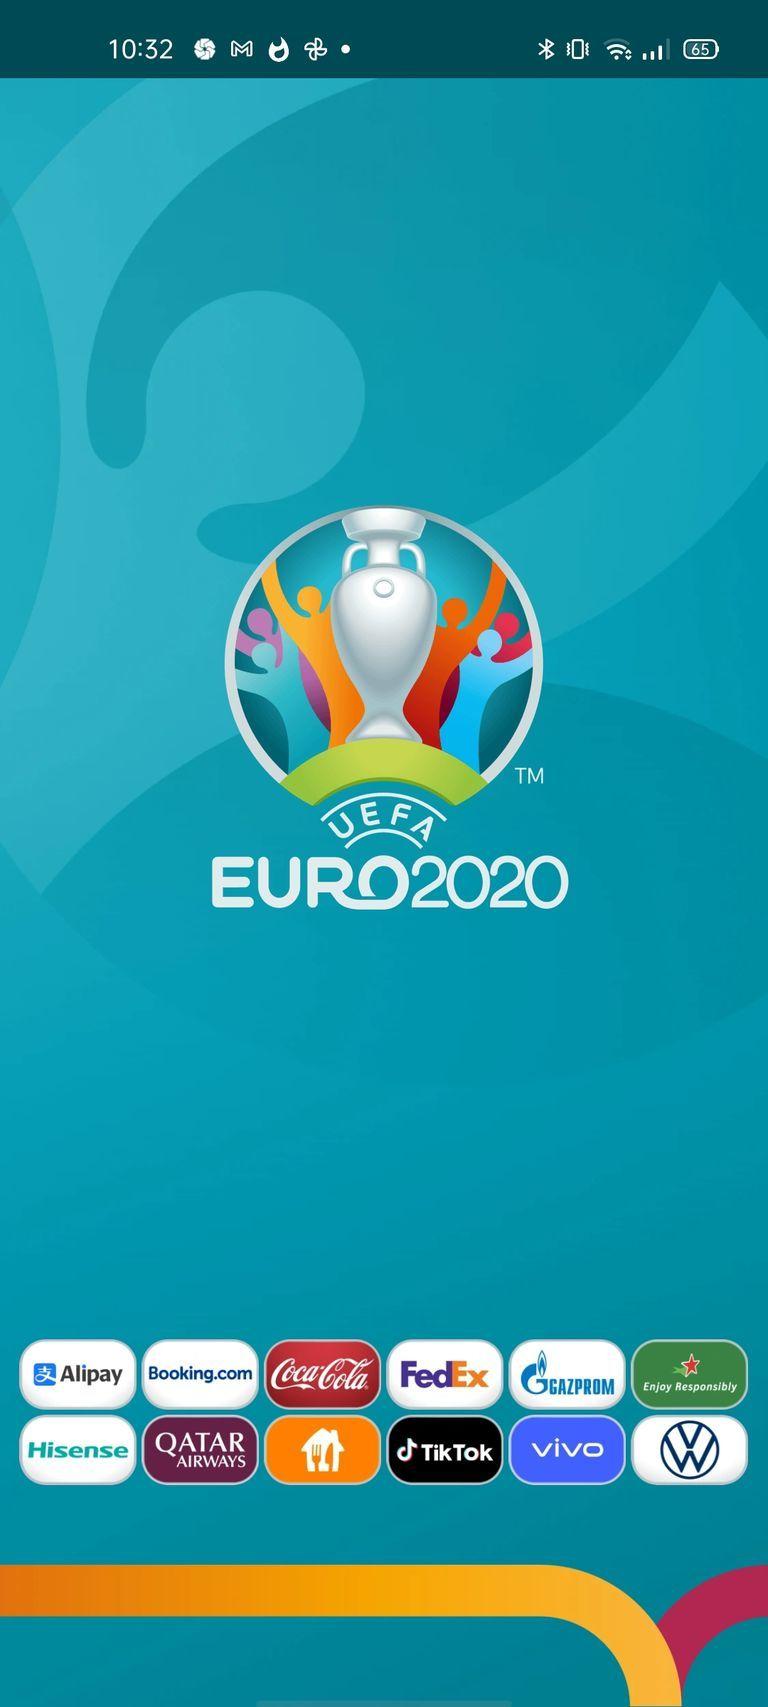 EURO 2020 Official